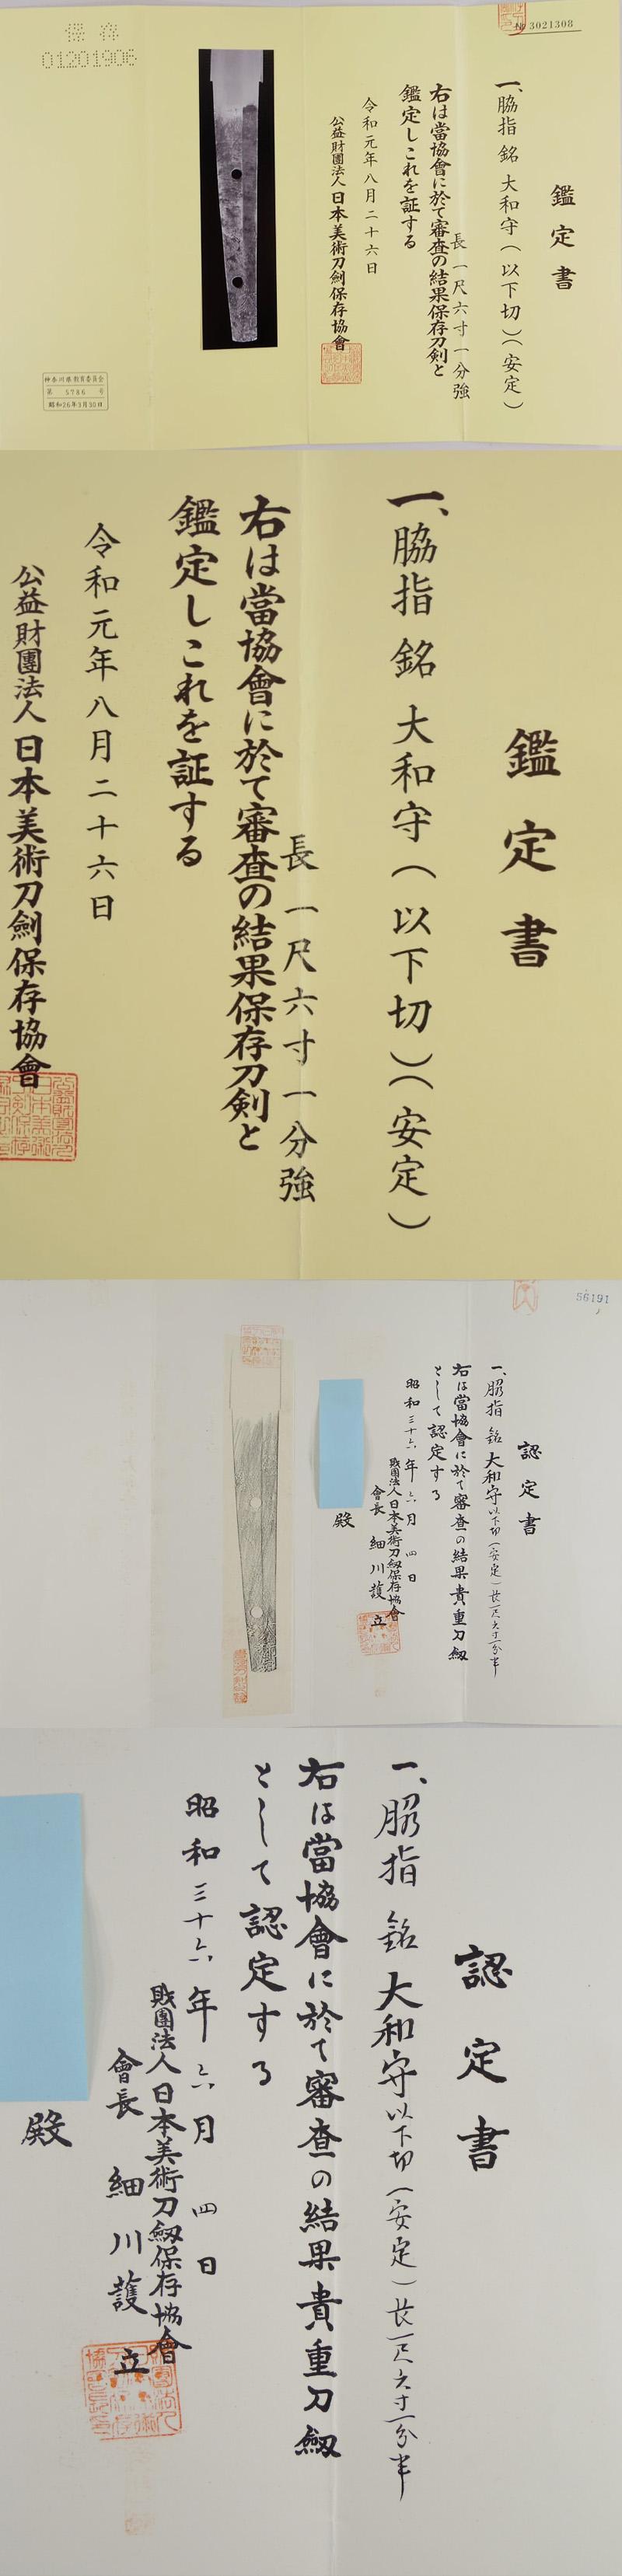 脇差 大和守(以下切)(大和守安定)(新刀上作)(良業物) Picture of Certificate